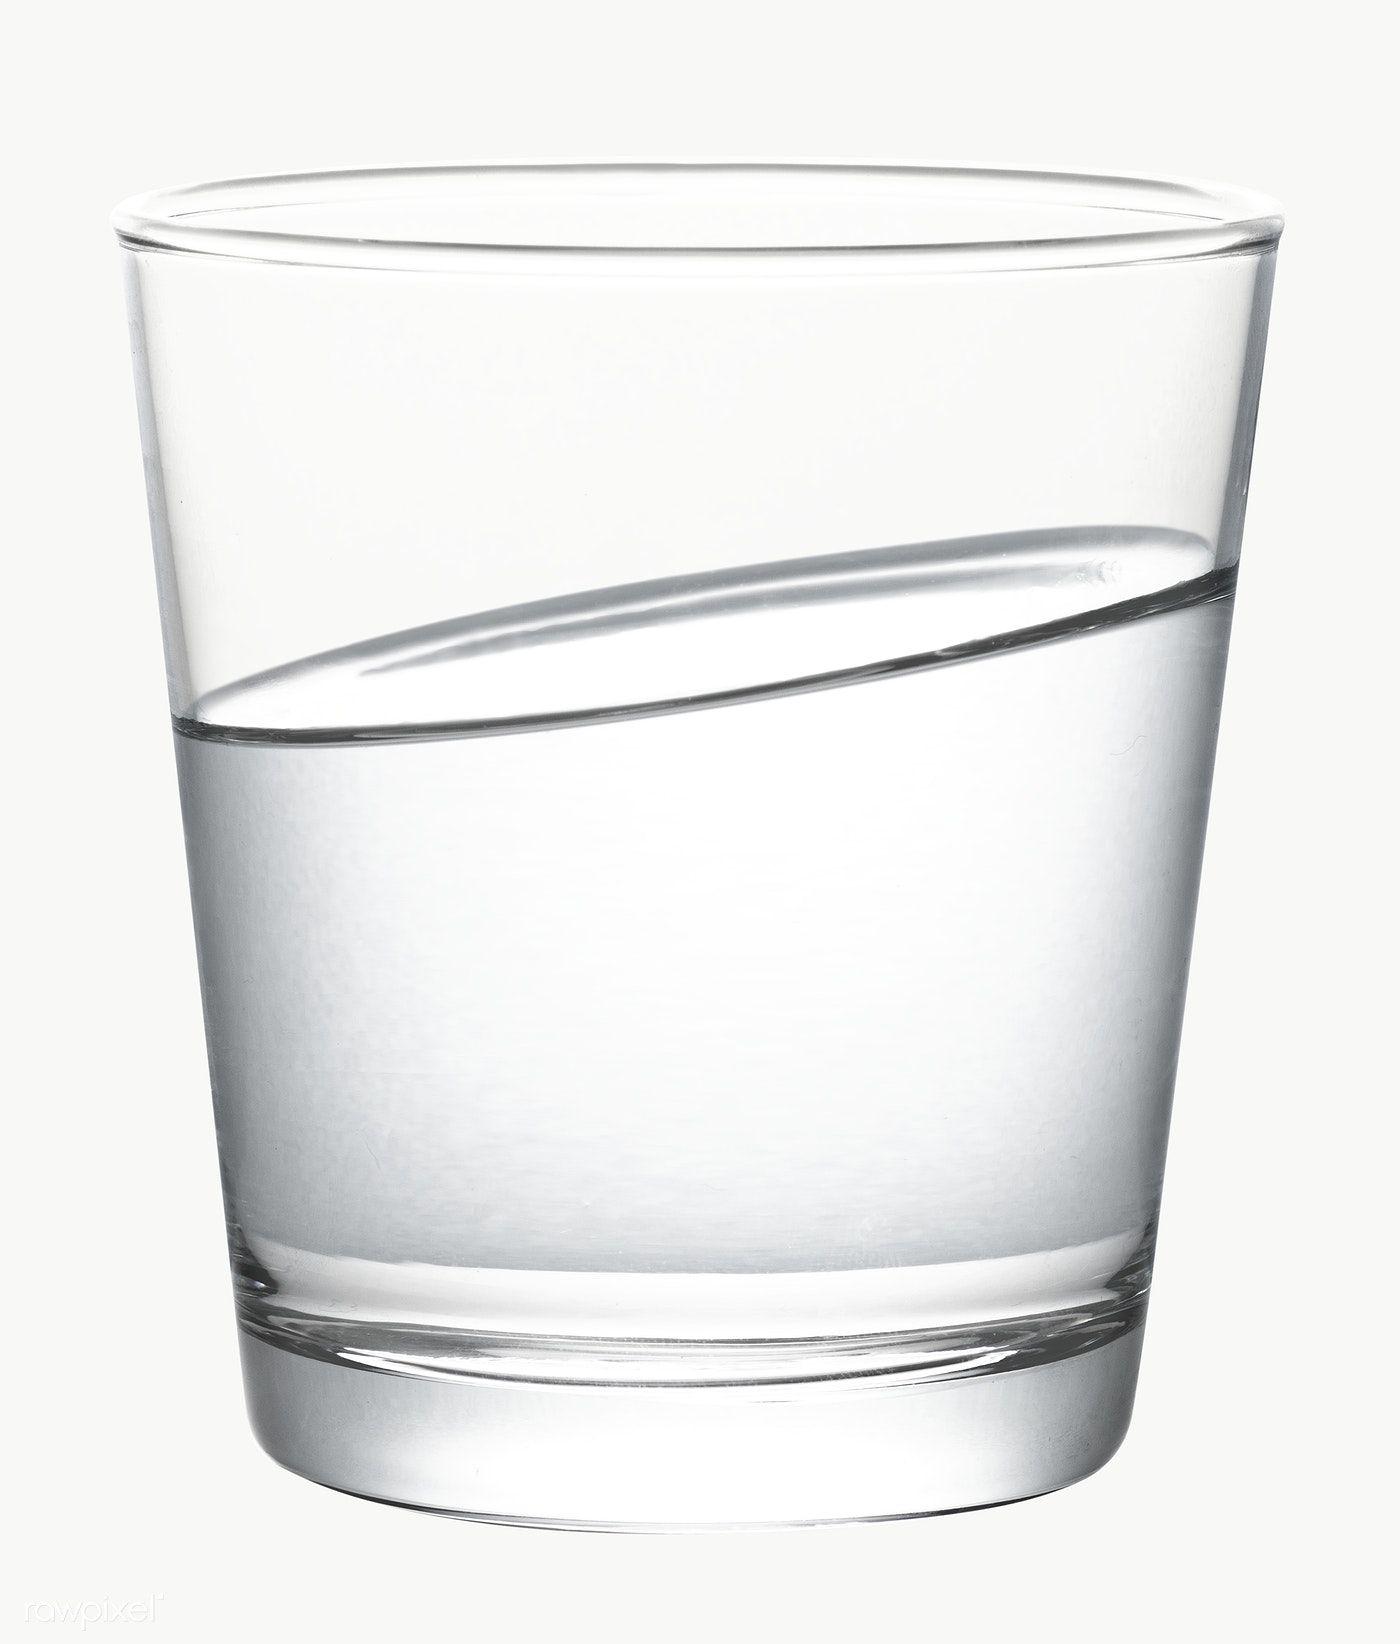 Download Premium Png Of Glass Of Water Macro Shot Design Element 2341677 Macro Shots Glass Design Element